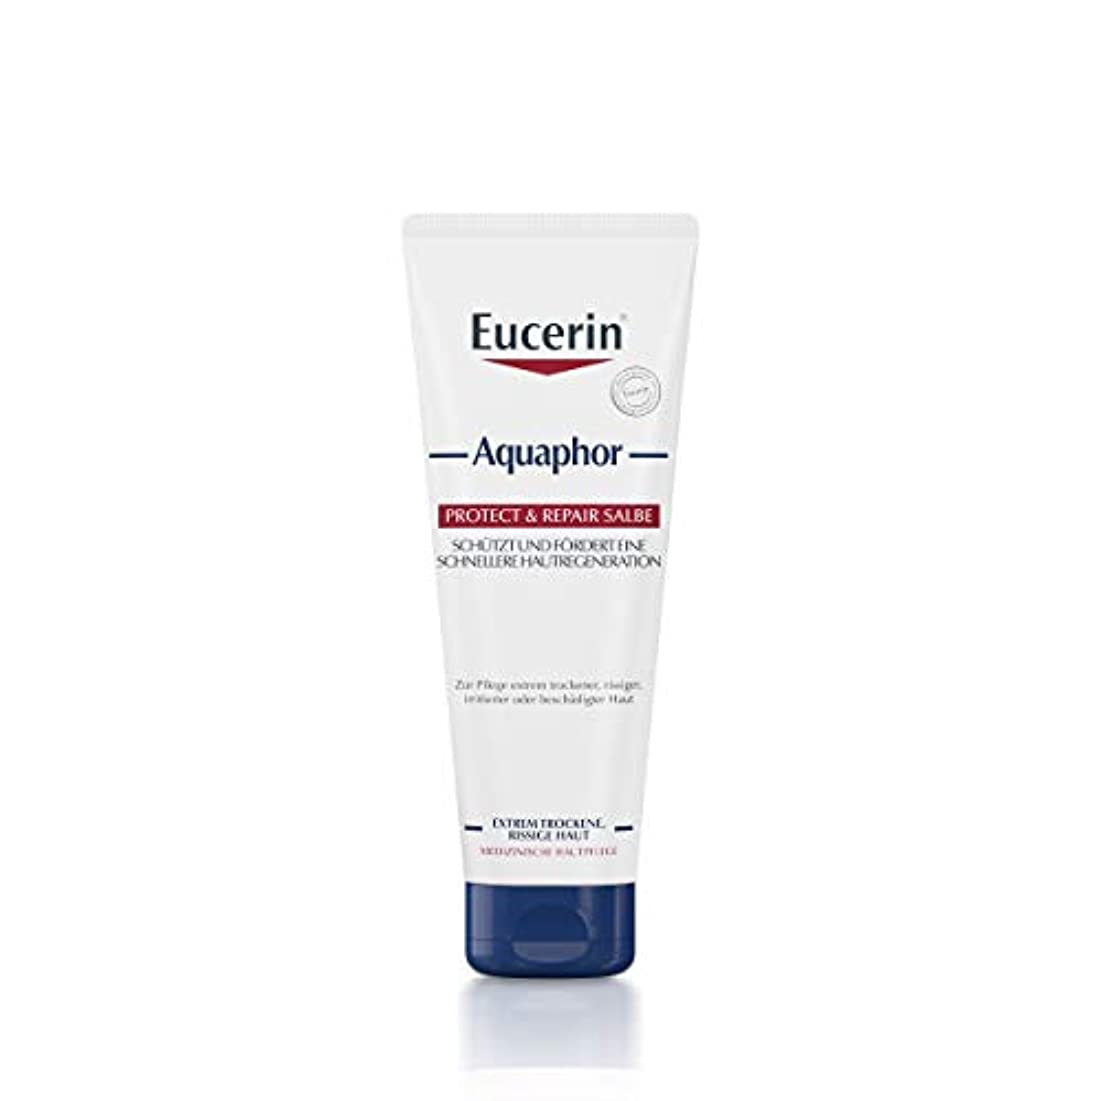 不運差し引く浸したEucerin Aquaphor Soothing Skin Balm 220ml - EucerinのAquaphor心地よいスキンクリーム220ミリリットル (Eucerin) [並行輸入品]